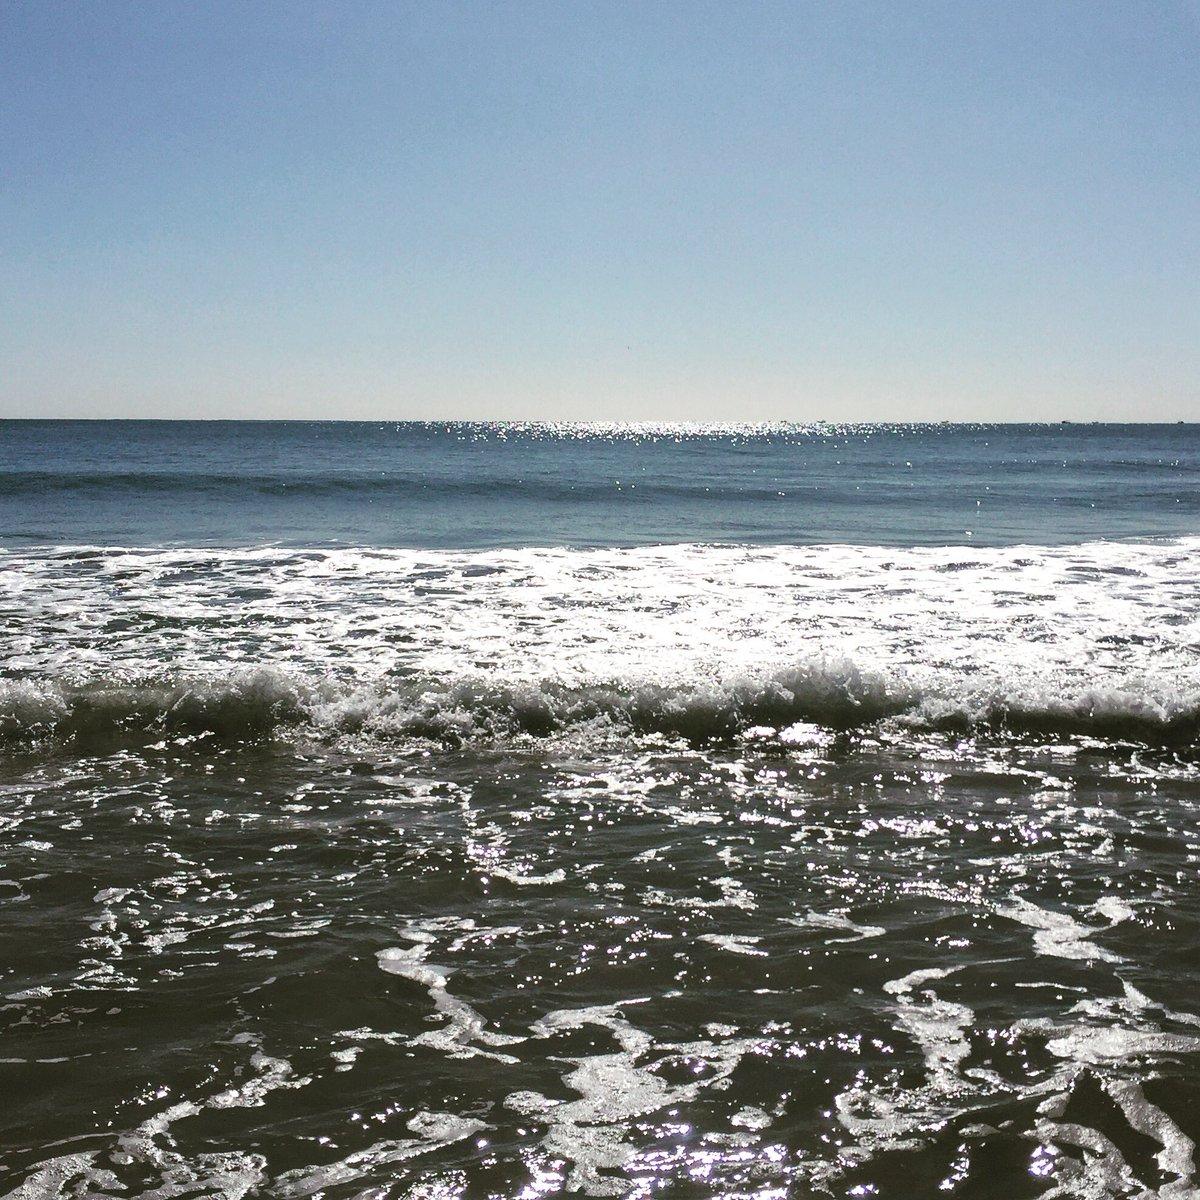 Minha vista... 🌊#BalneárioCamburiú #Brasil #Verão2020 #myview #Summer #ff #Friday #praia #beach #nicpic #natureza #naturephotography